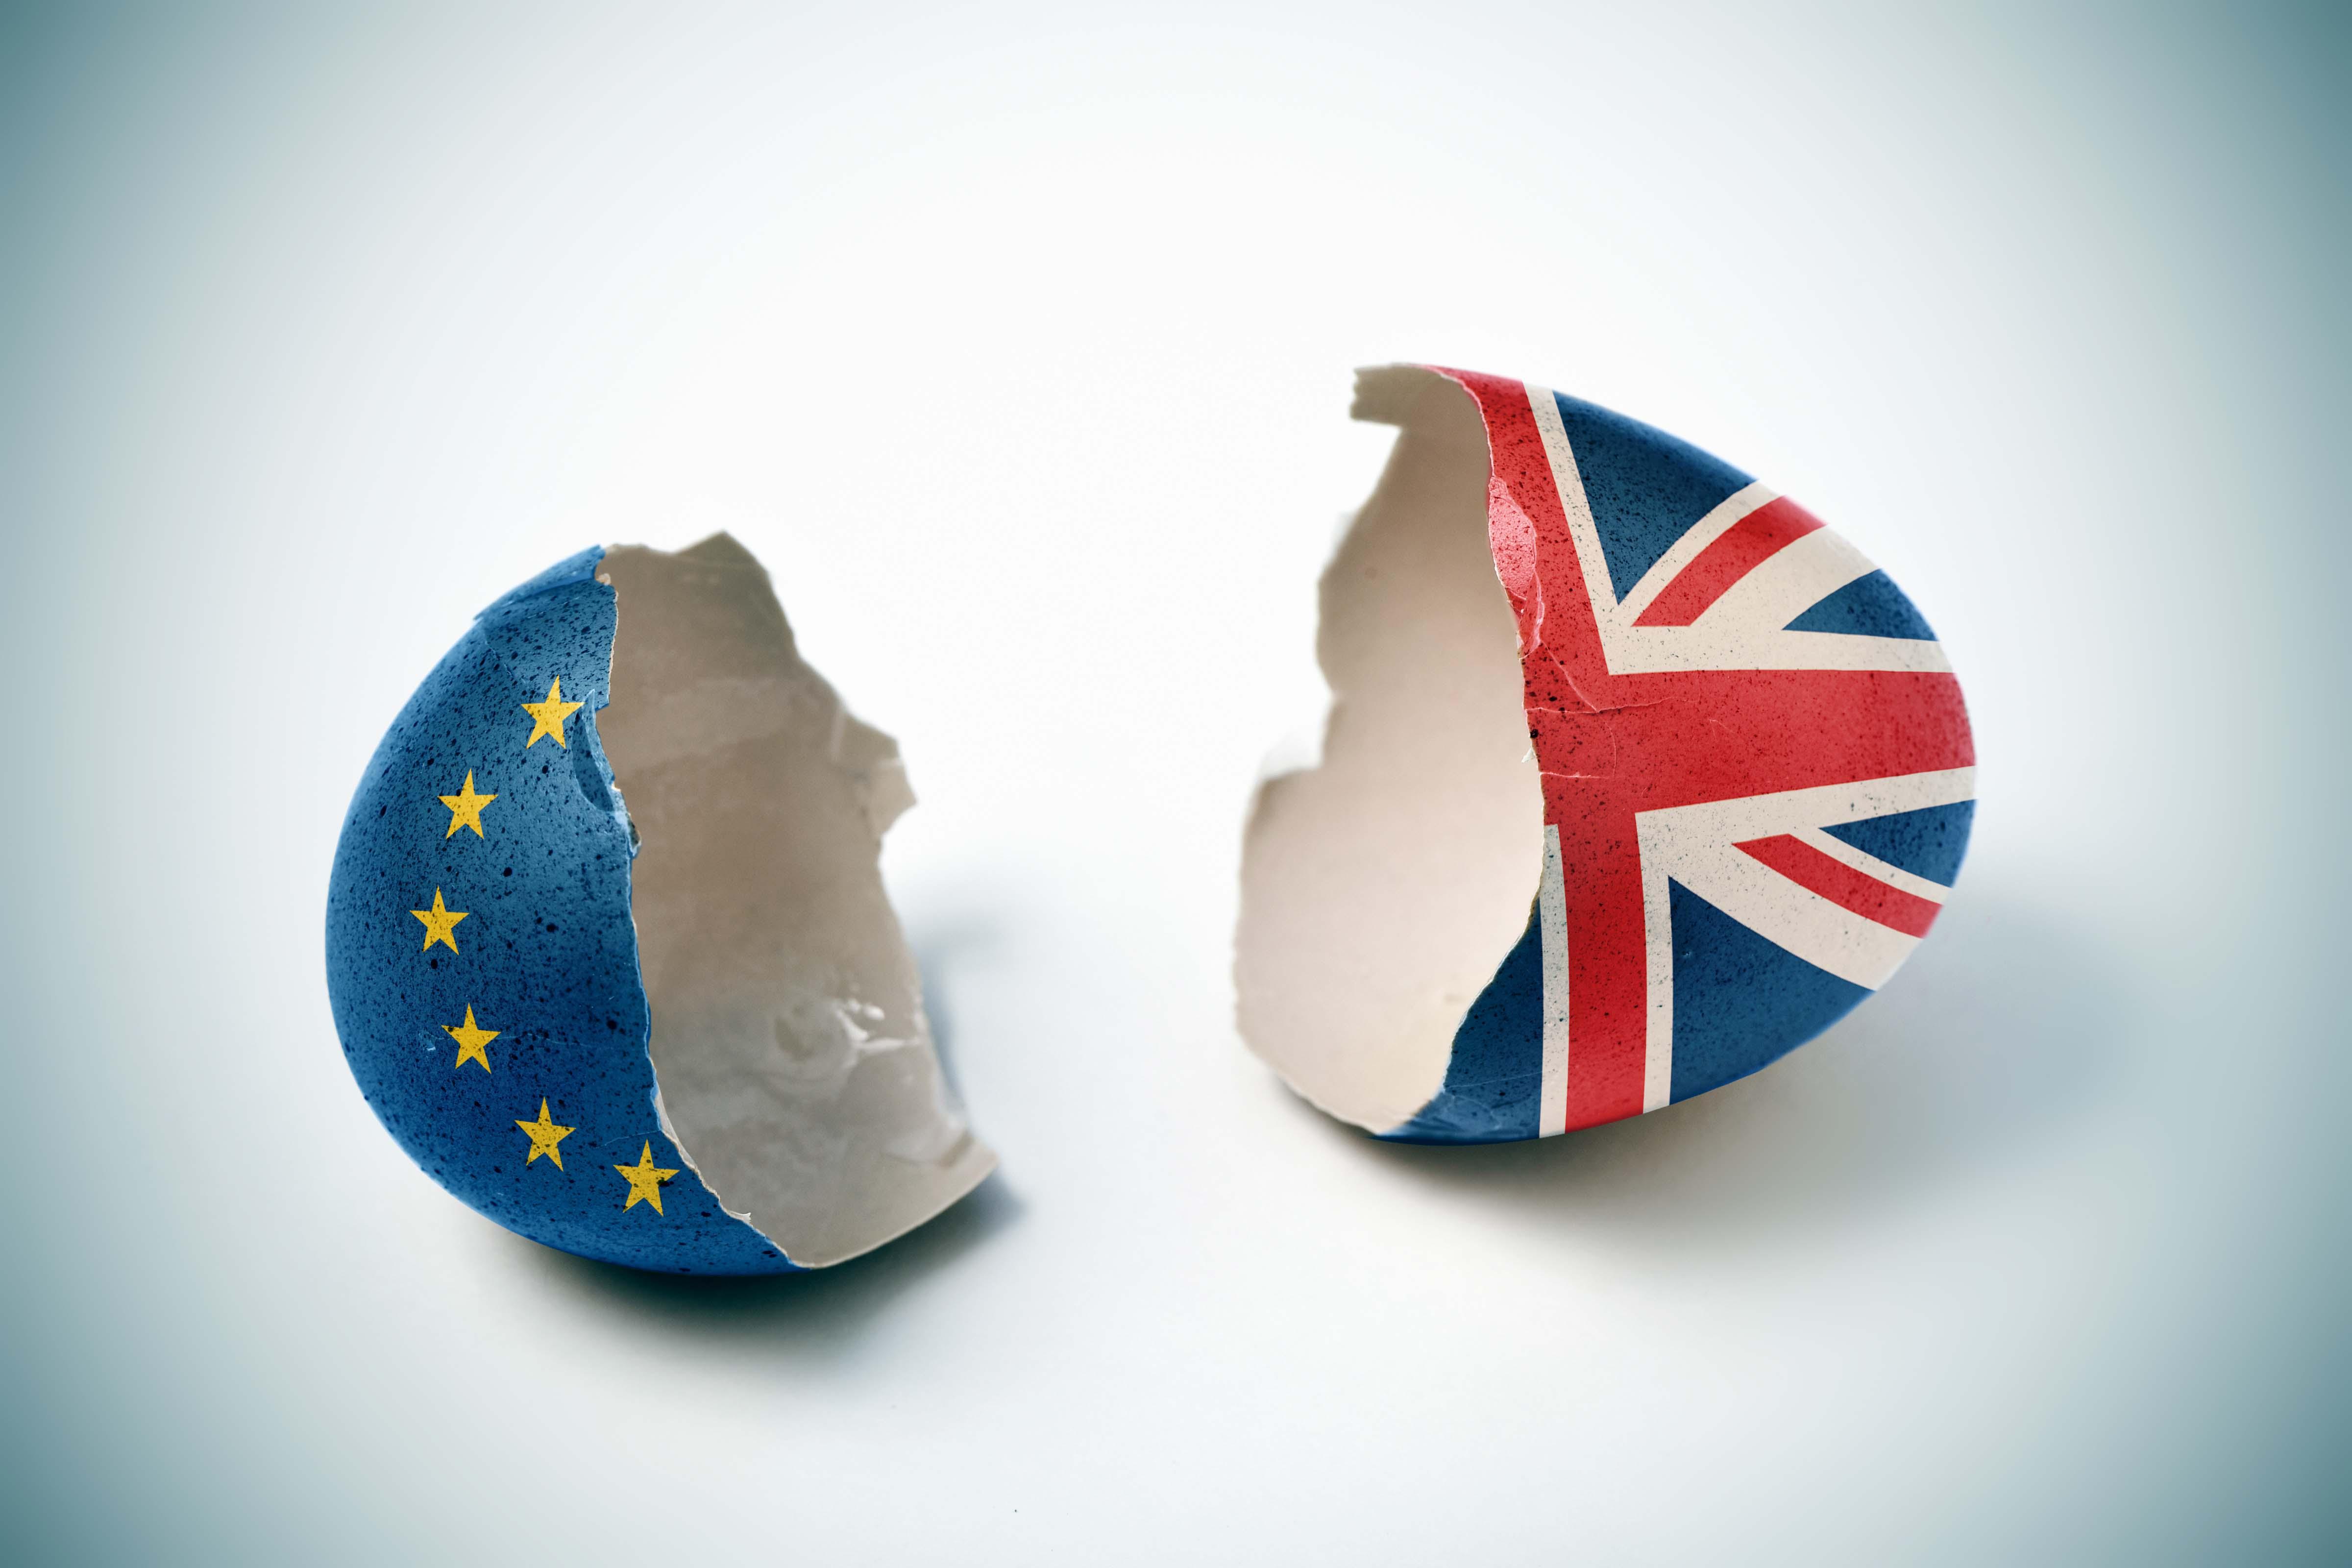 Gebroken eierschalen Europese Unie en Groot-Brittanië